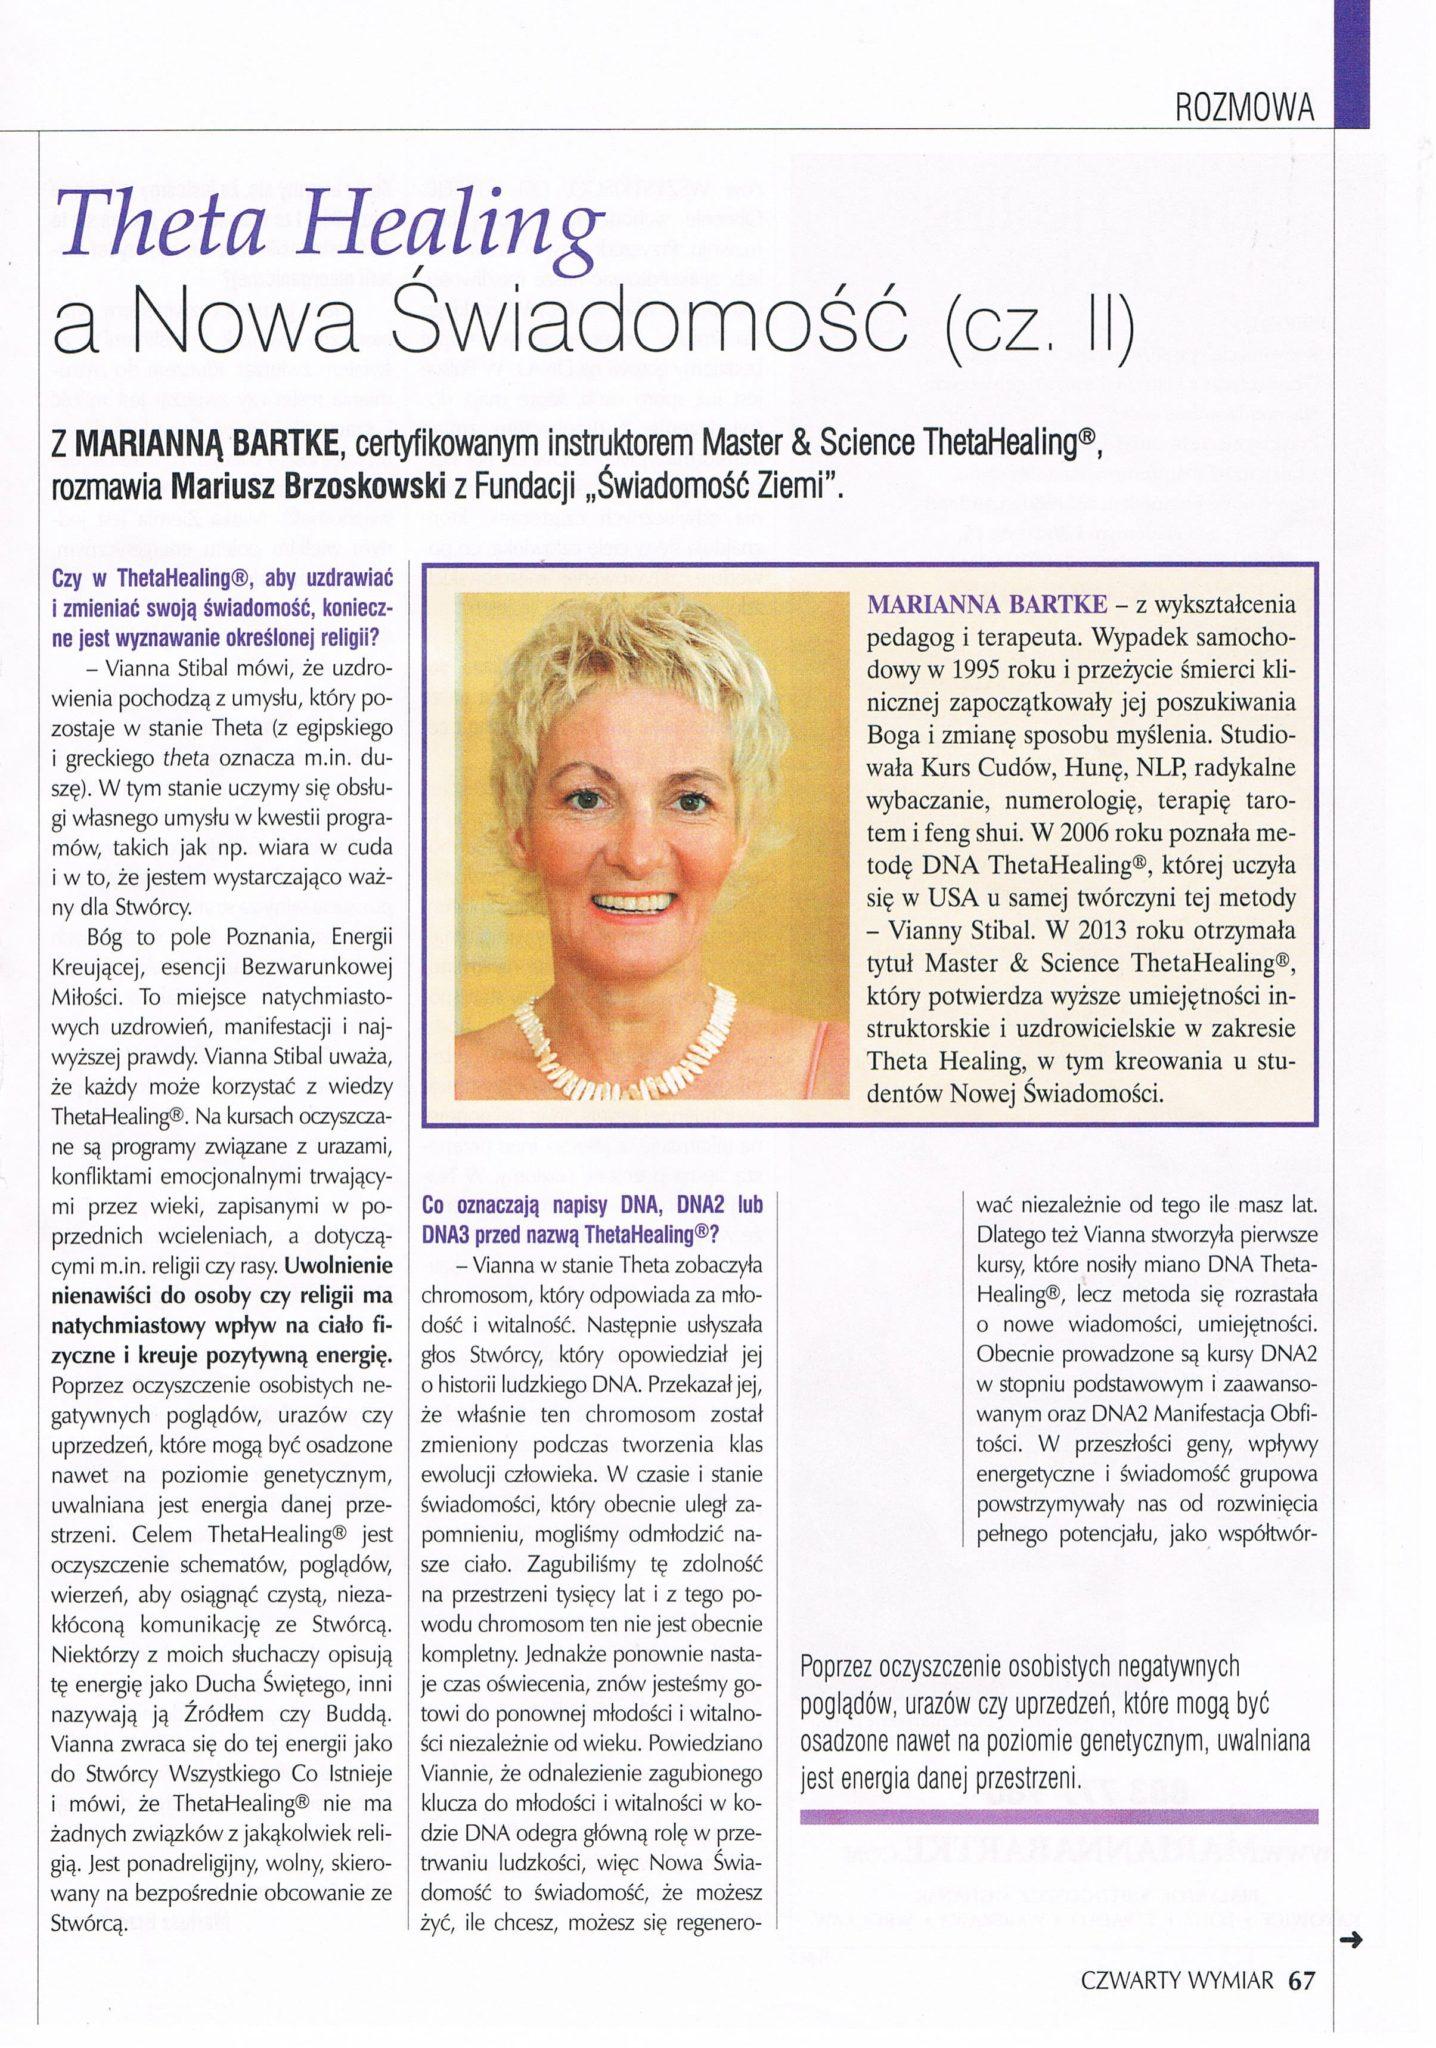 Czwarty Wymiar - Theta Healing a Nowa Świadomość. str.3